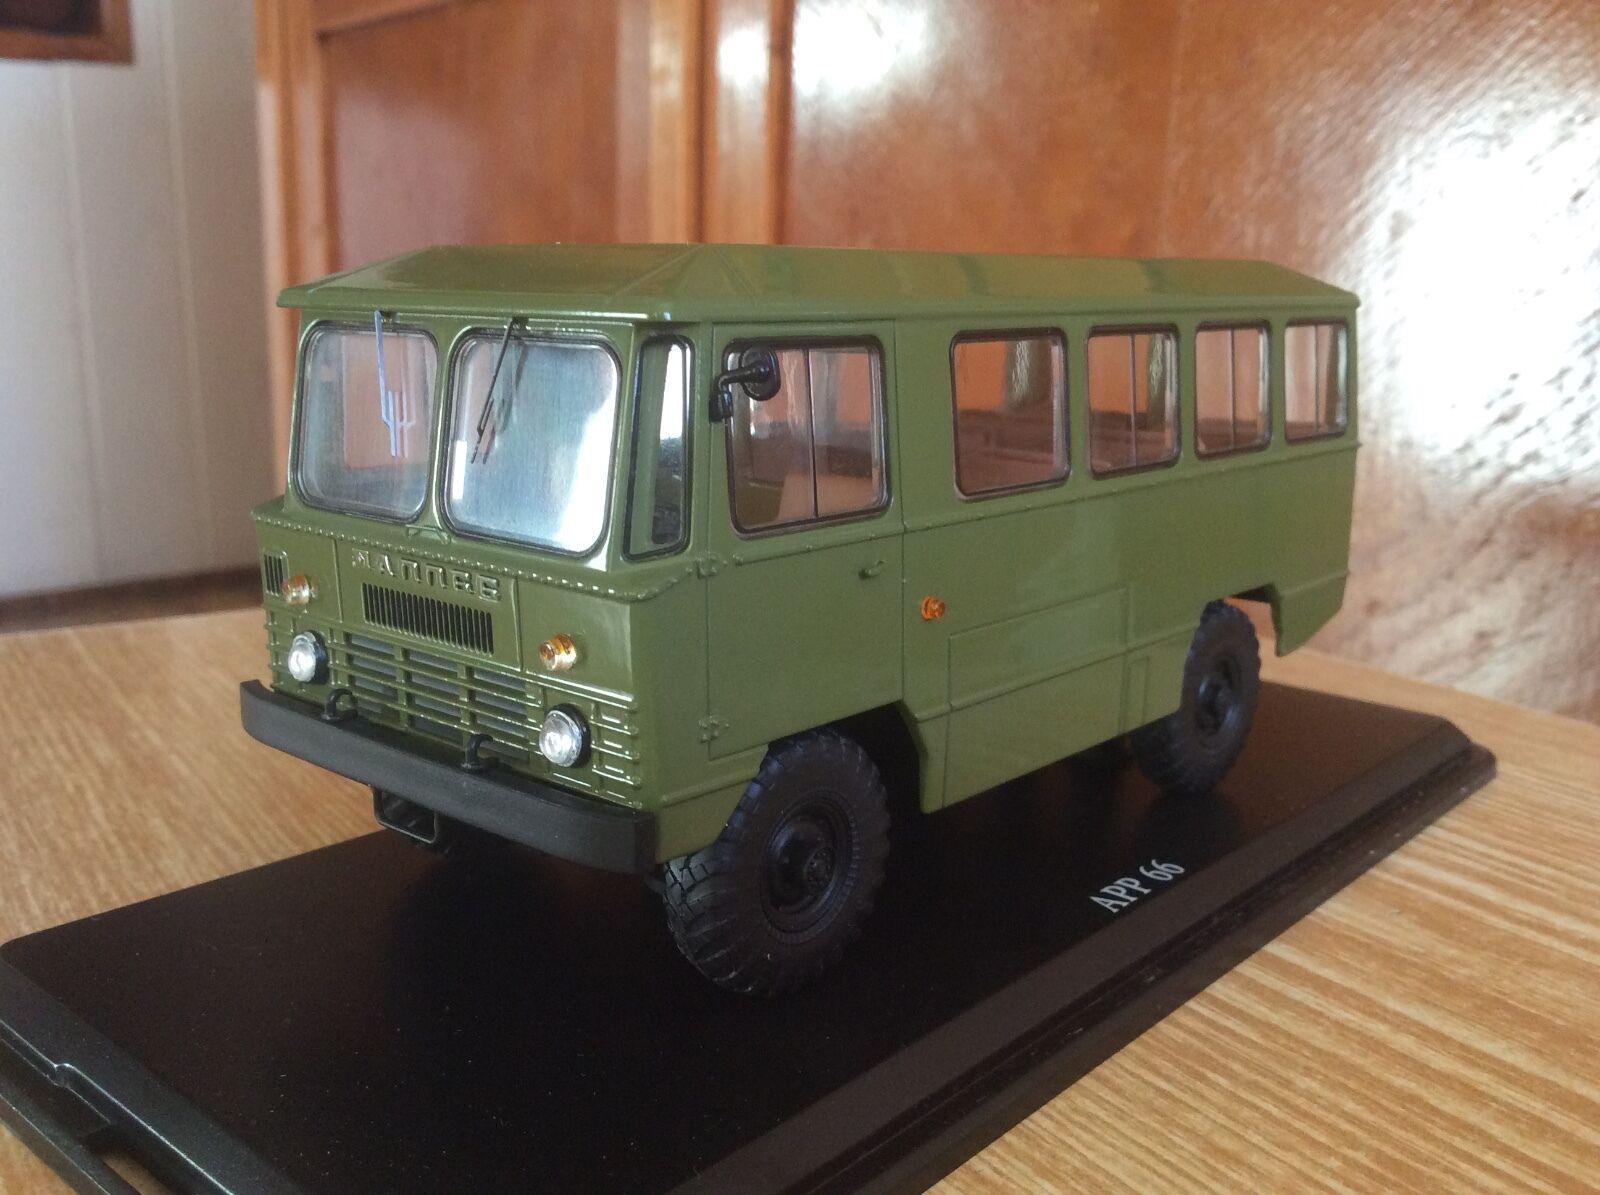 L'armée Bus APP-66 (châssis-Amer 66) kaki 1 43 URSS modèle de voiture rétro rare SSM